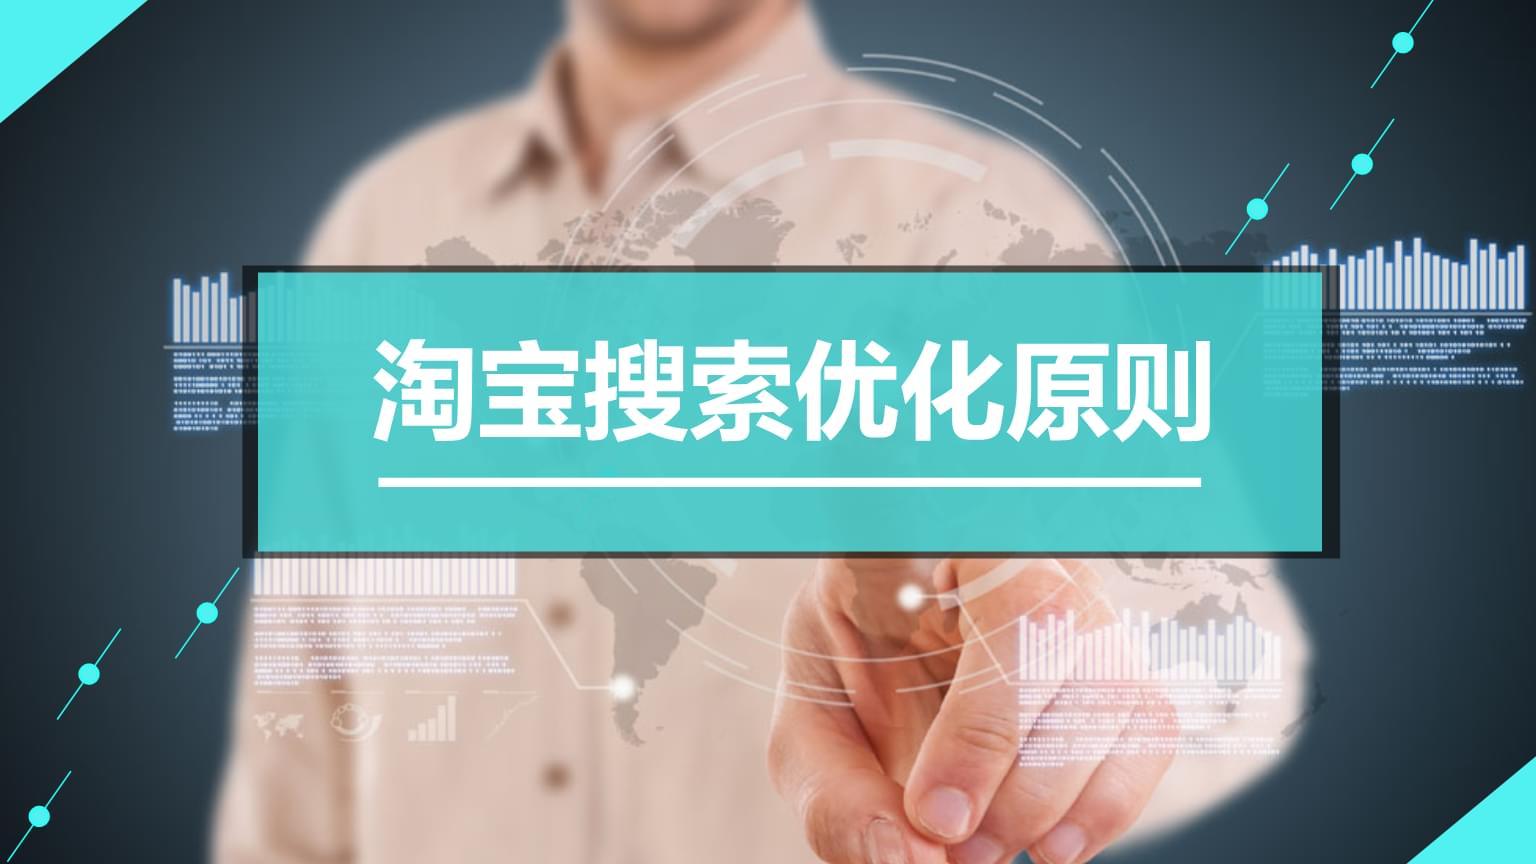 淘宝搜索与优化原则-杜强-1.12.ppt